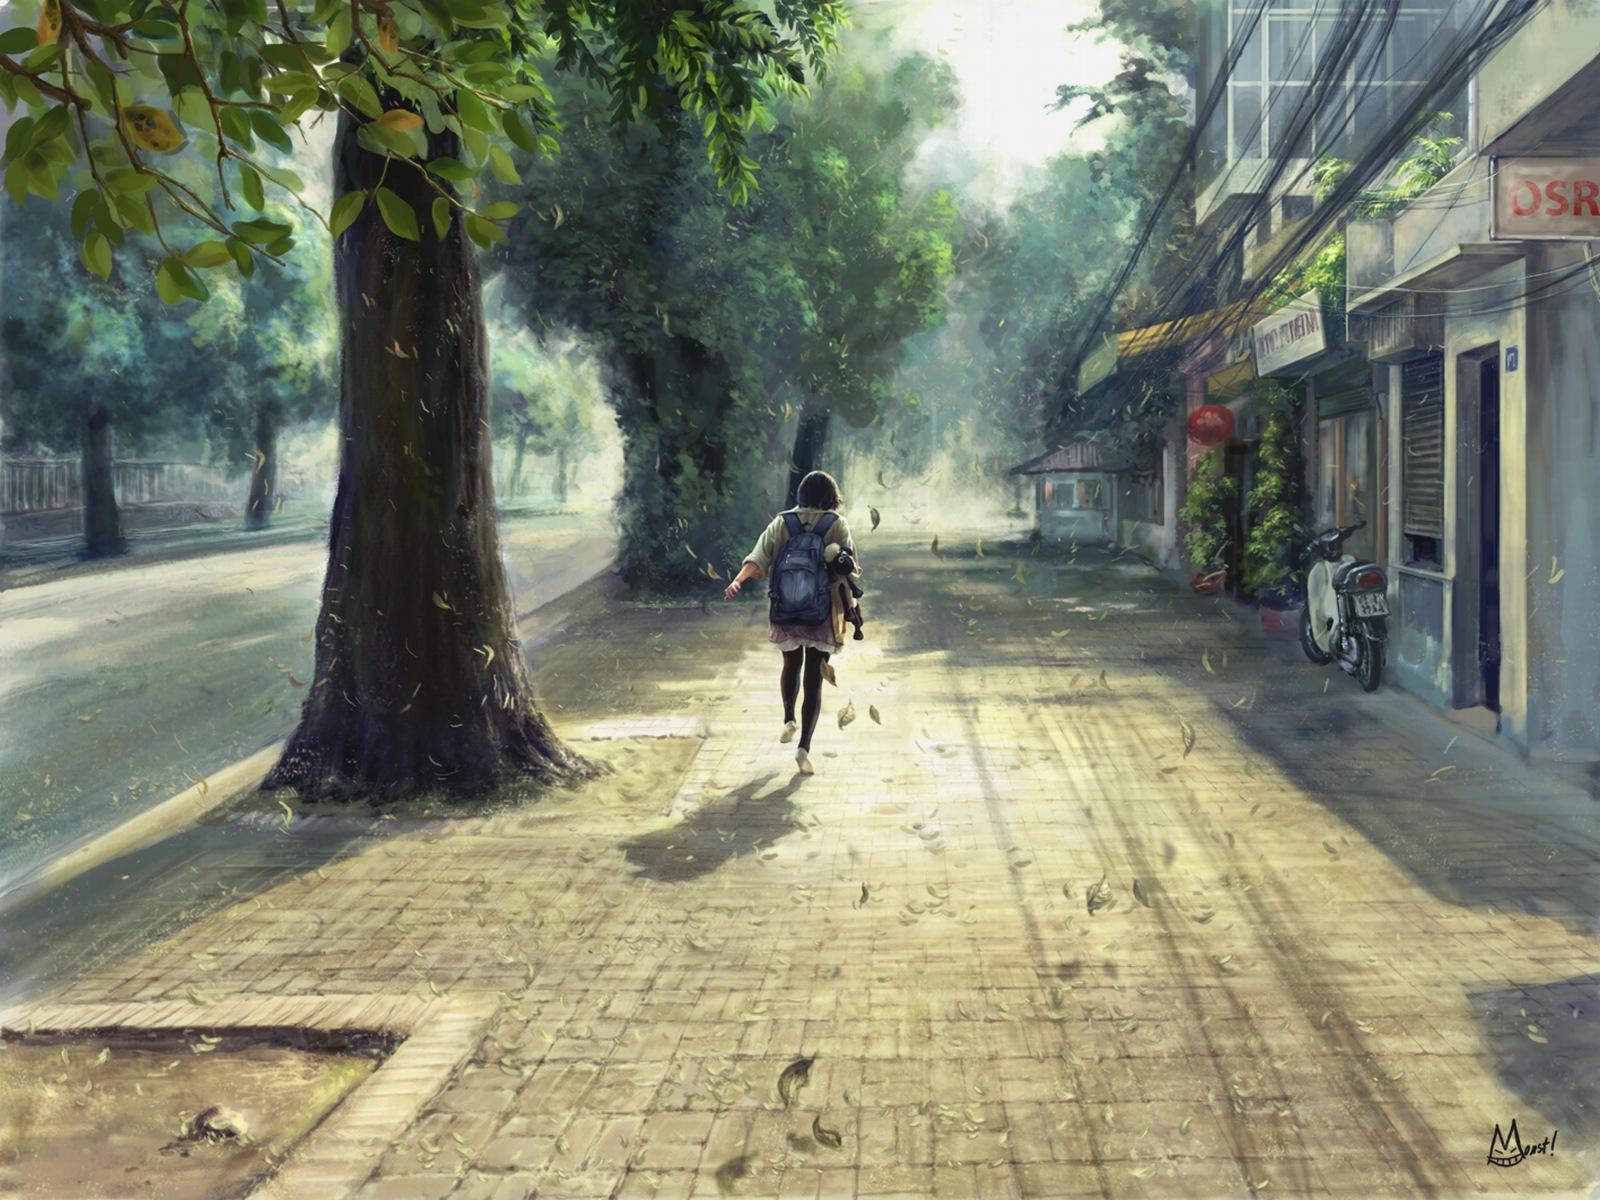 Running Down The Street Wallpaper | 1600x1200 | ID:13399 ...